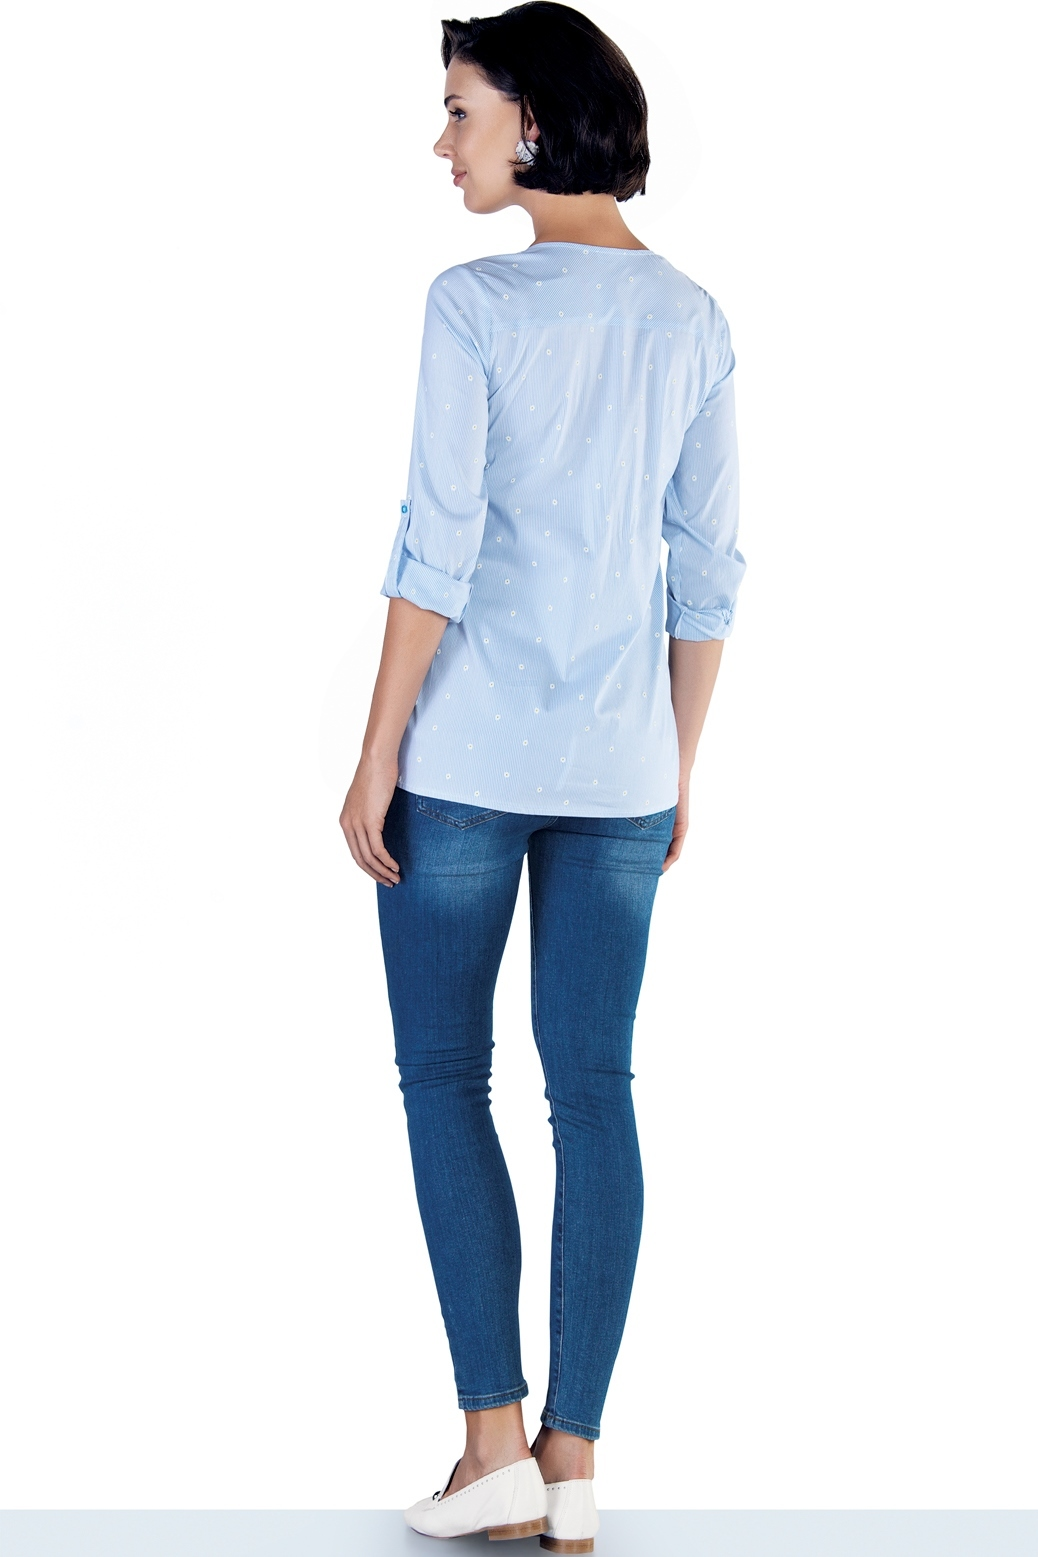 Фото укороченные джинсы-skinny для беременных EBRU, с эластичной вставкой от магазина СкороМама, синий, весна-лето, размеры.